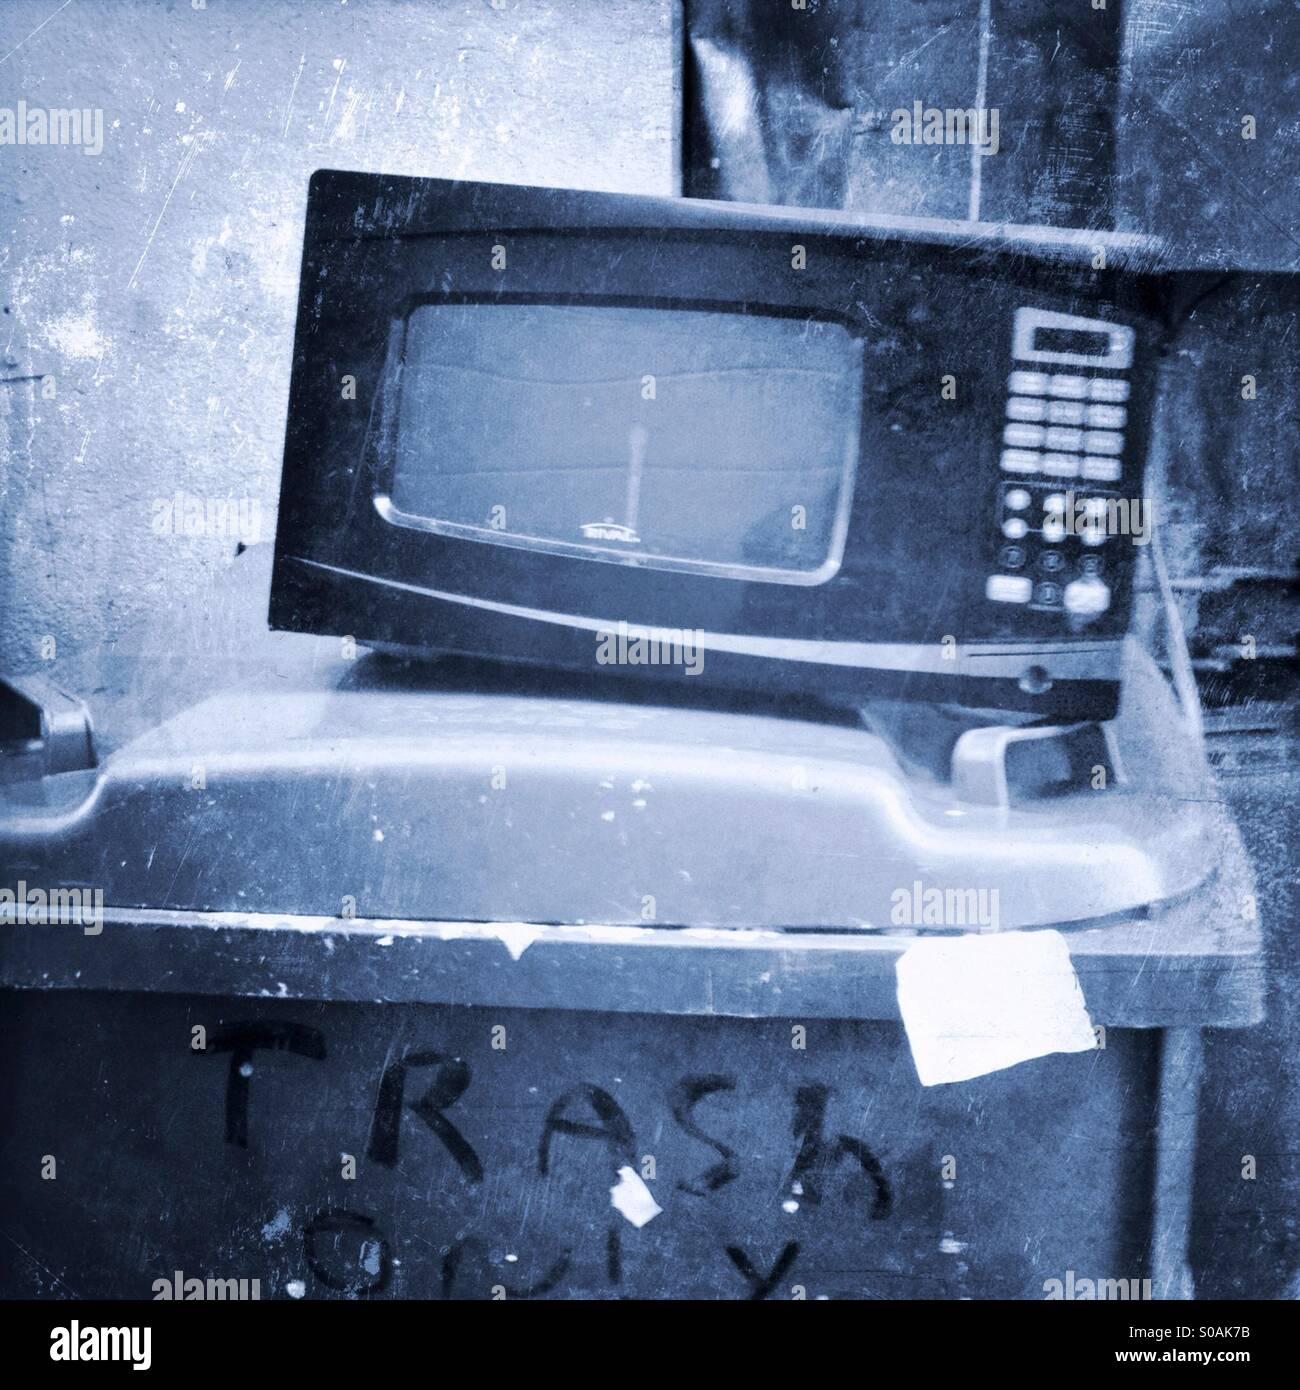 Four à micro-ondes assis sur une poubelle. Photo Stock